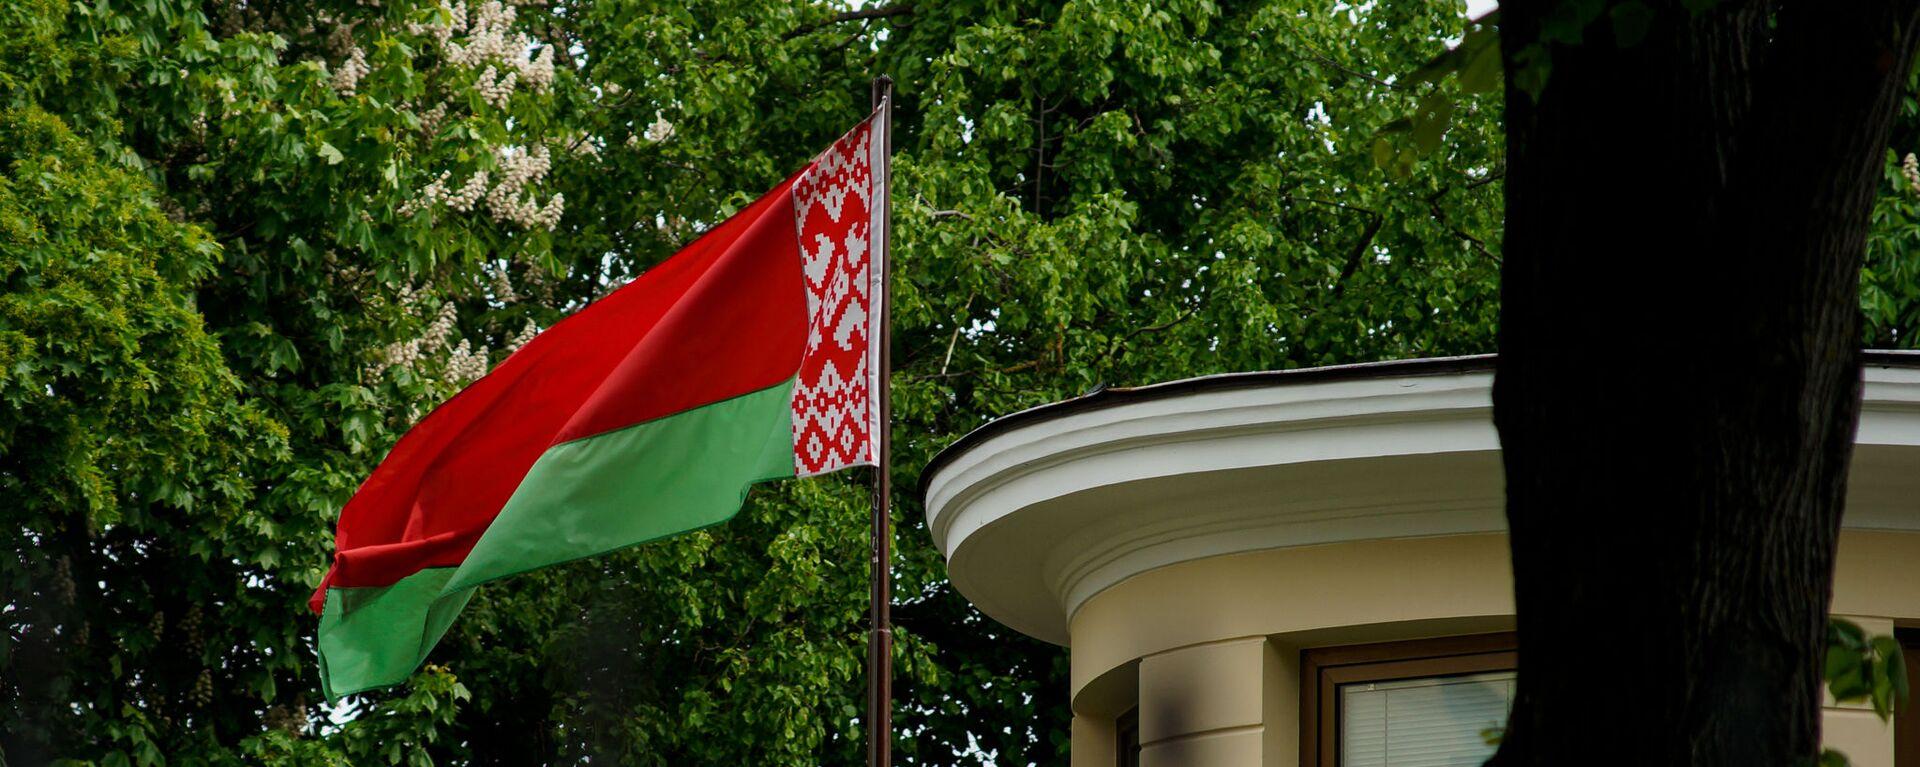 Посольство Республики Беларусь в Латвии - Sputnik Латвия, 1920, 28.05.2021